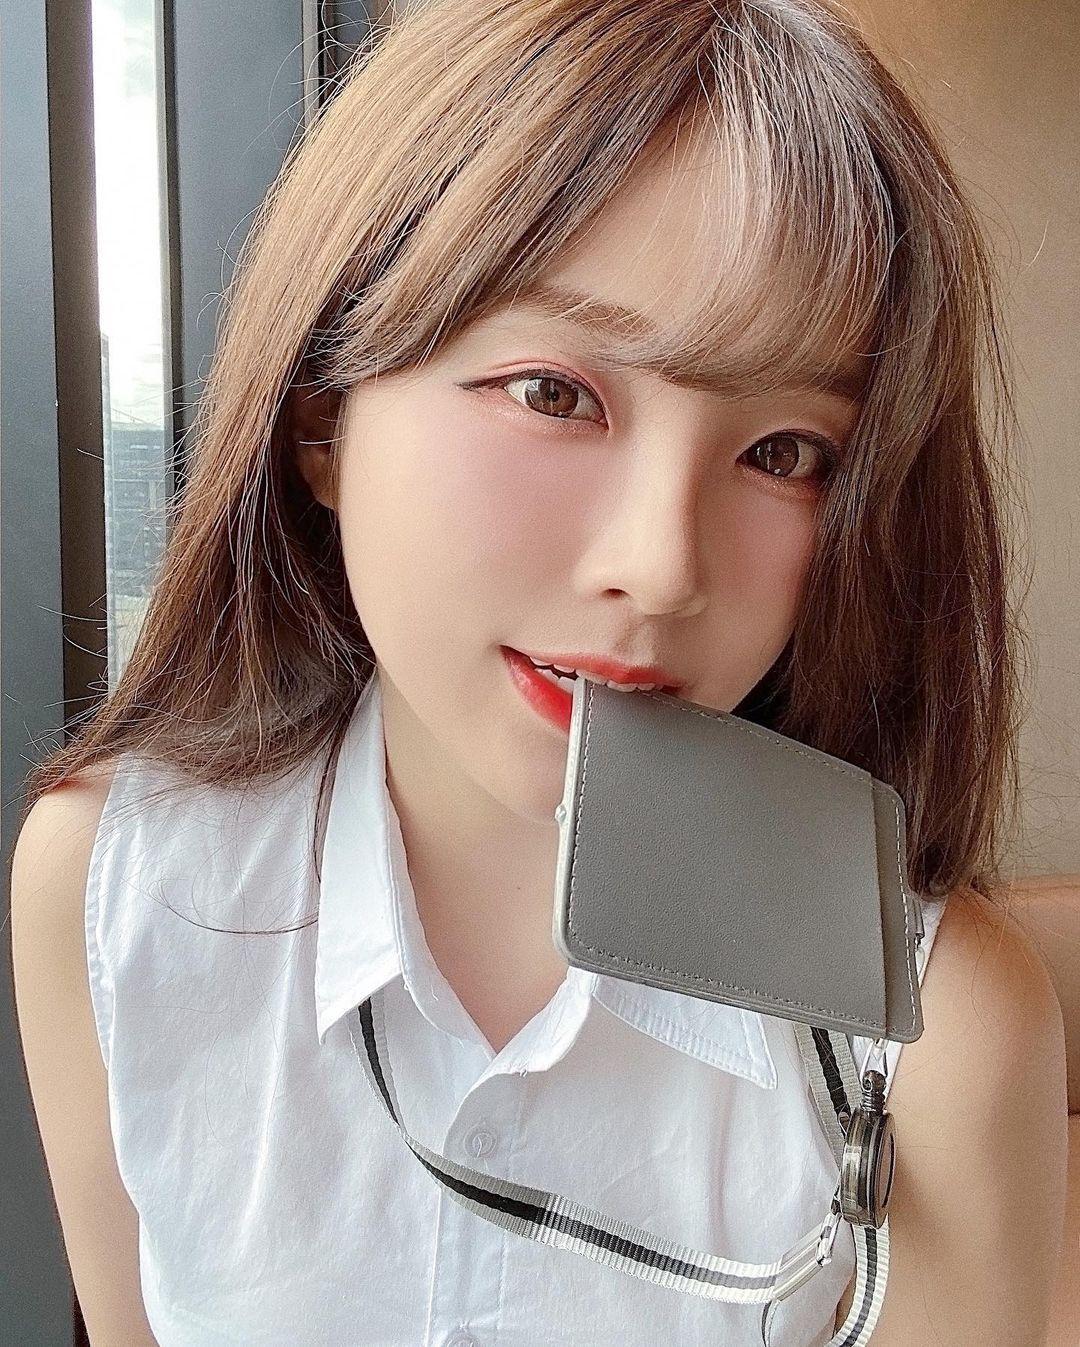 韩国最萌直播主「Coco」超甜女友力露齿灿笑给人满满初恋感!插图6